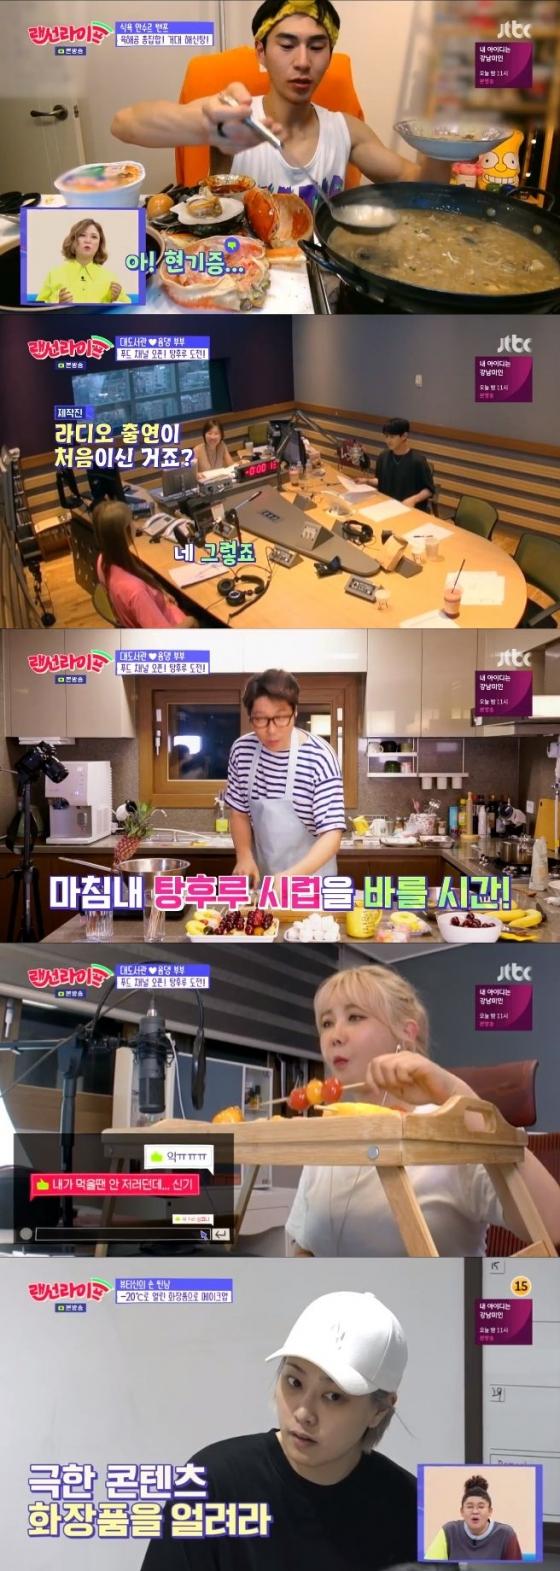 [★밤TView]'랜선라이프' 해신탕부터 아이스 메이크업..'여름여름해'